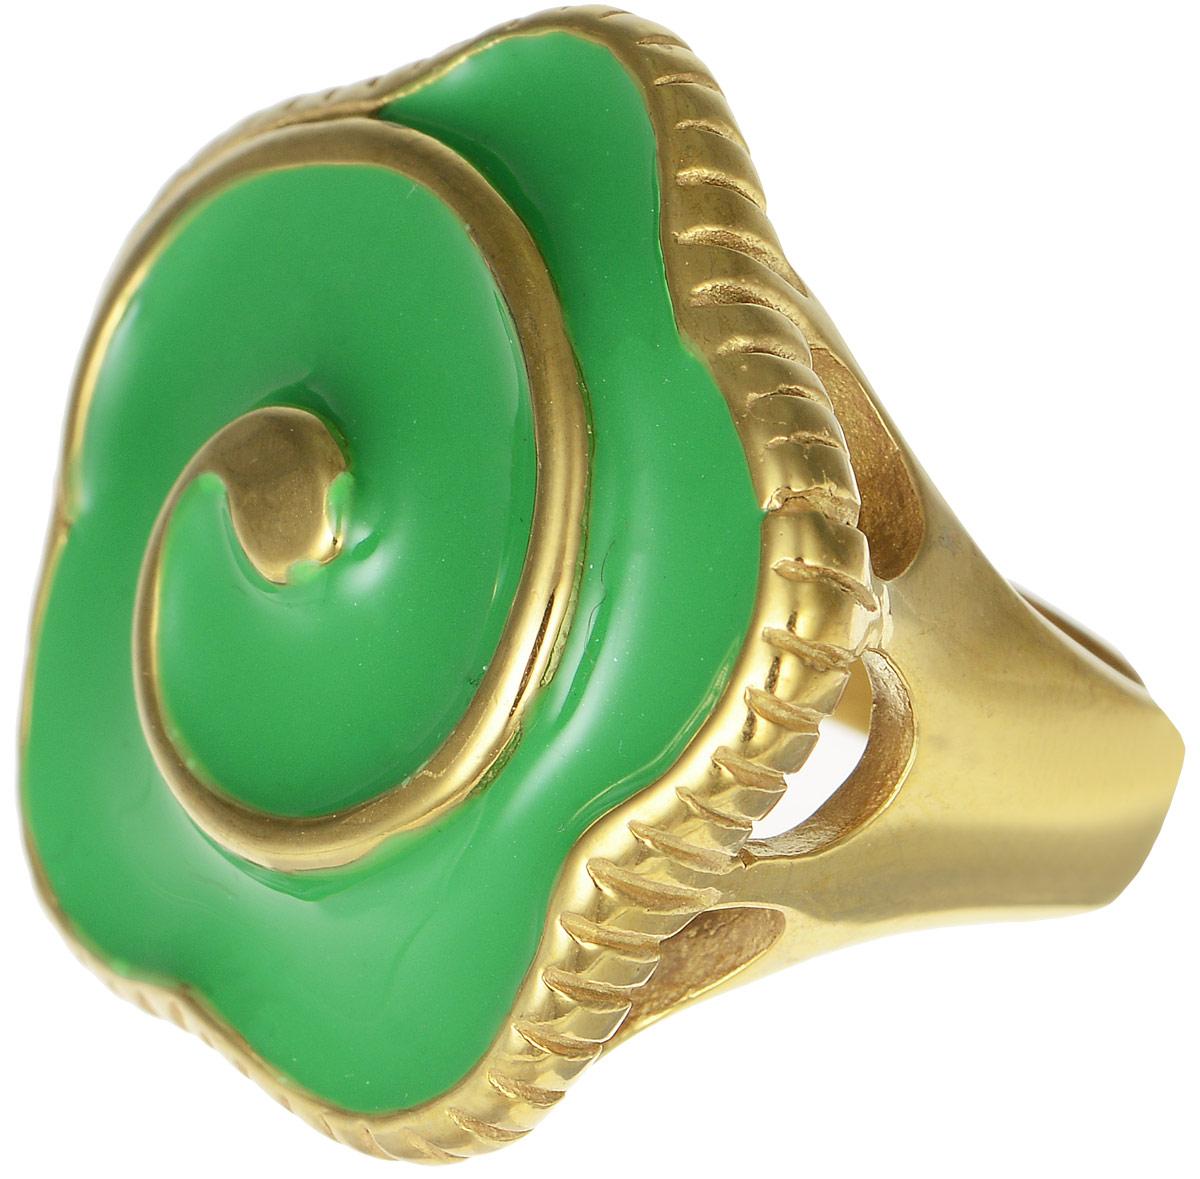 Кольцо Polina Selezneva, цвет: золотистый, зеленый. DG-0032. Размер 17DG-0032-07Оригинальное кольцо Polina Selezneva выполнено из металлического сплава. Оформлено изделие в форме цветка. Декоративная часть покрыта эмалью. Такое кольцо это блестящее завершение вашего неповторимого, смелого образа и отличный подарок для ценительницы необычных украшений!